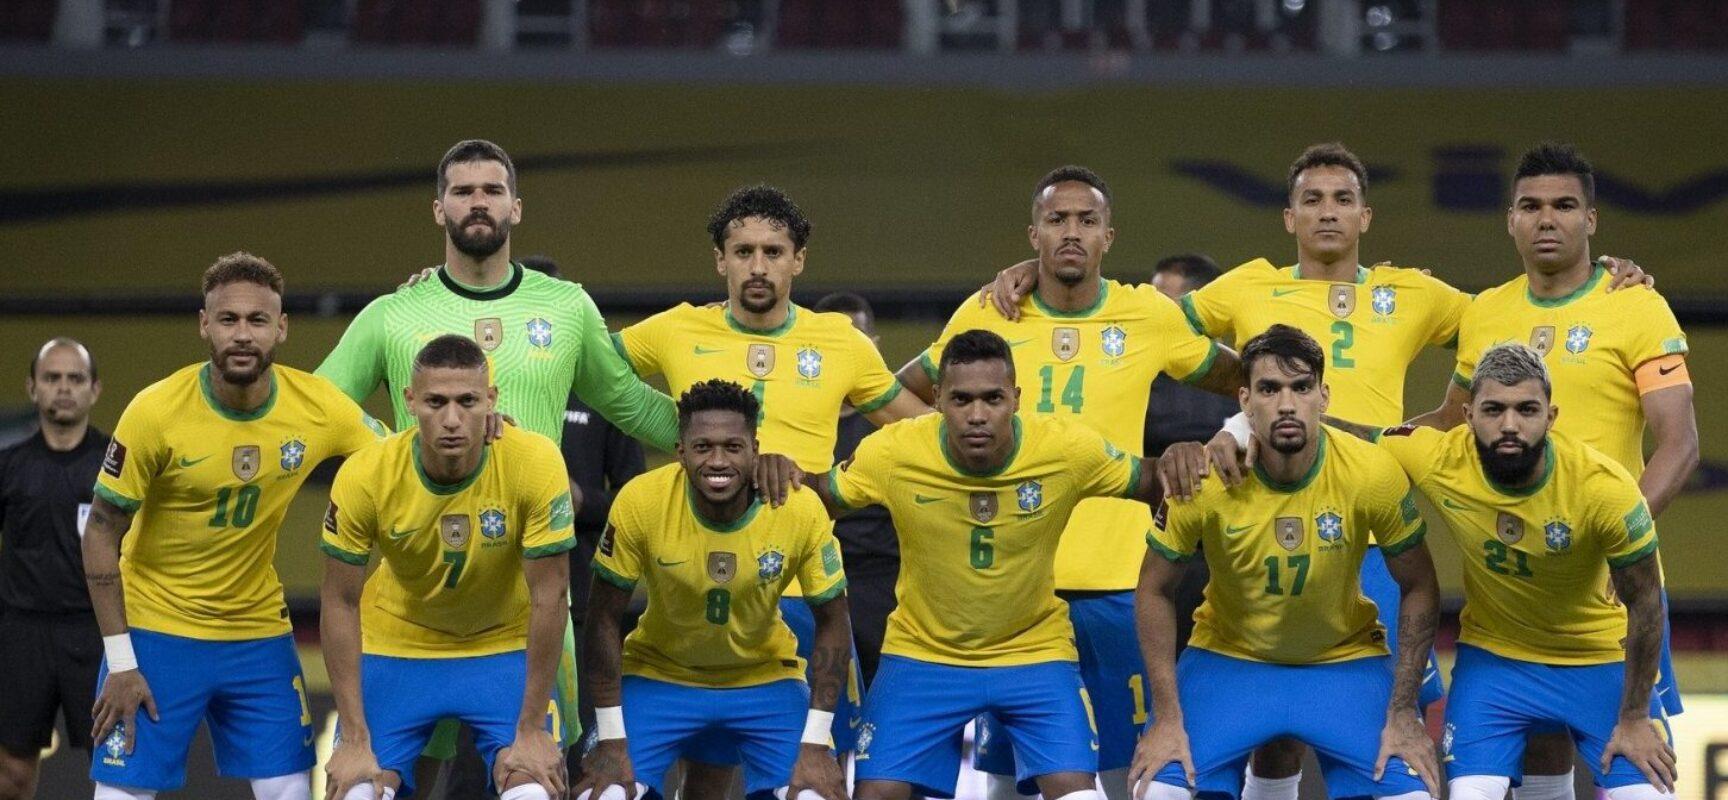 Após ensaio de boicote, jogadores decidem disputar Copa América, diz site